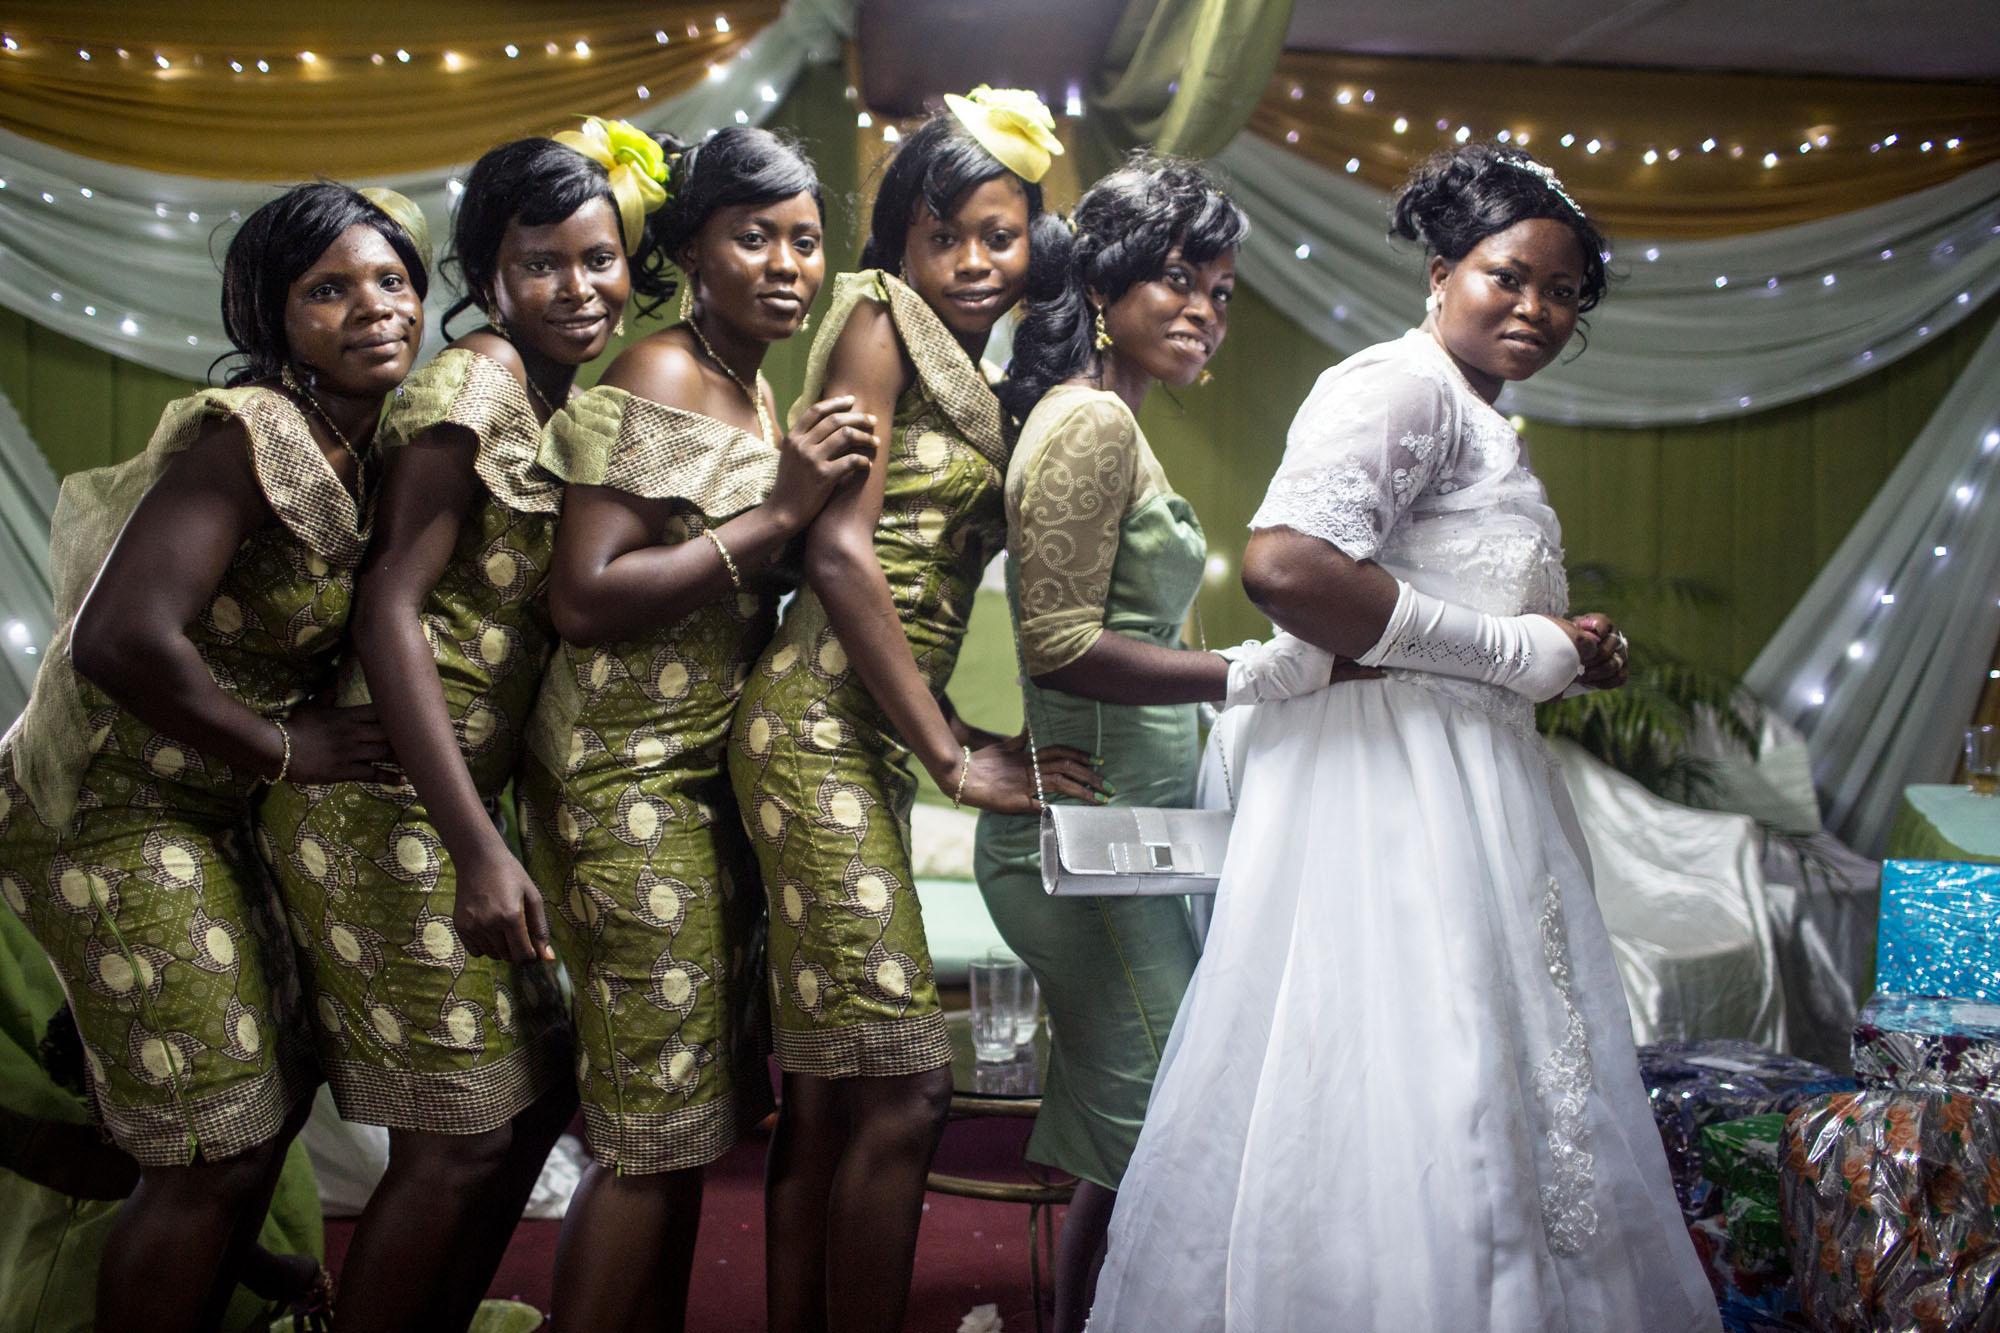 Nigerian Wedding | Glenna Gordon on World Photo Society